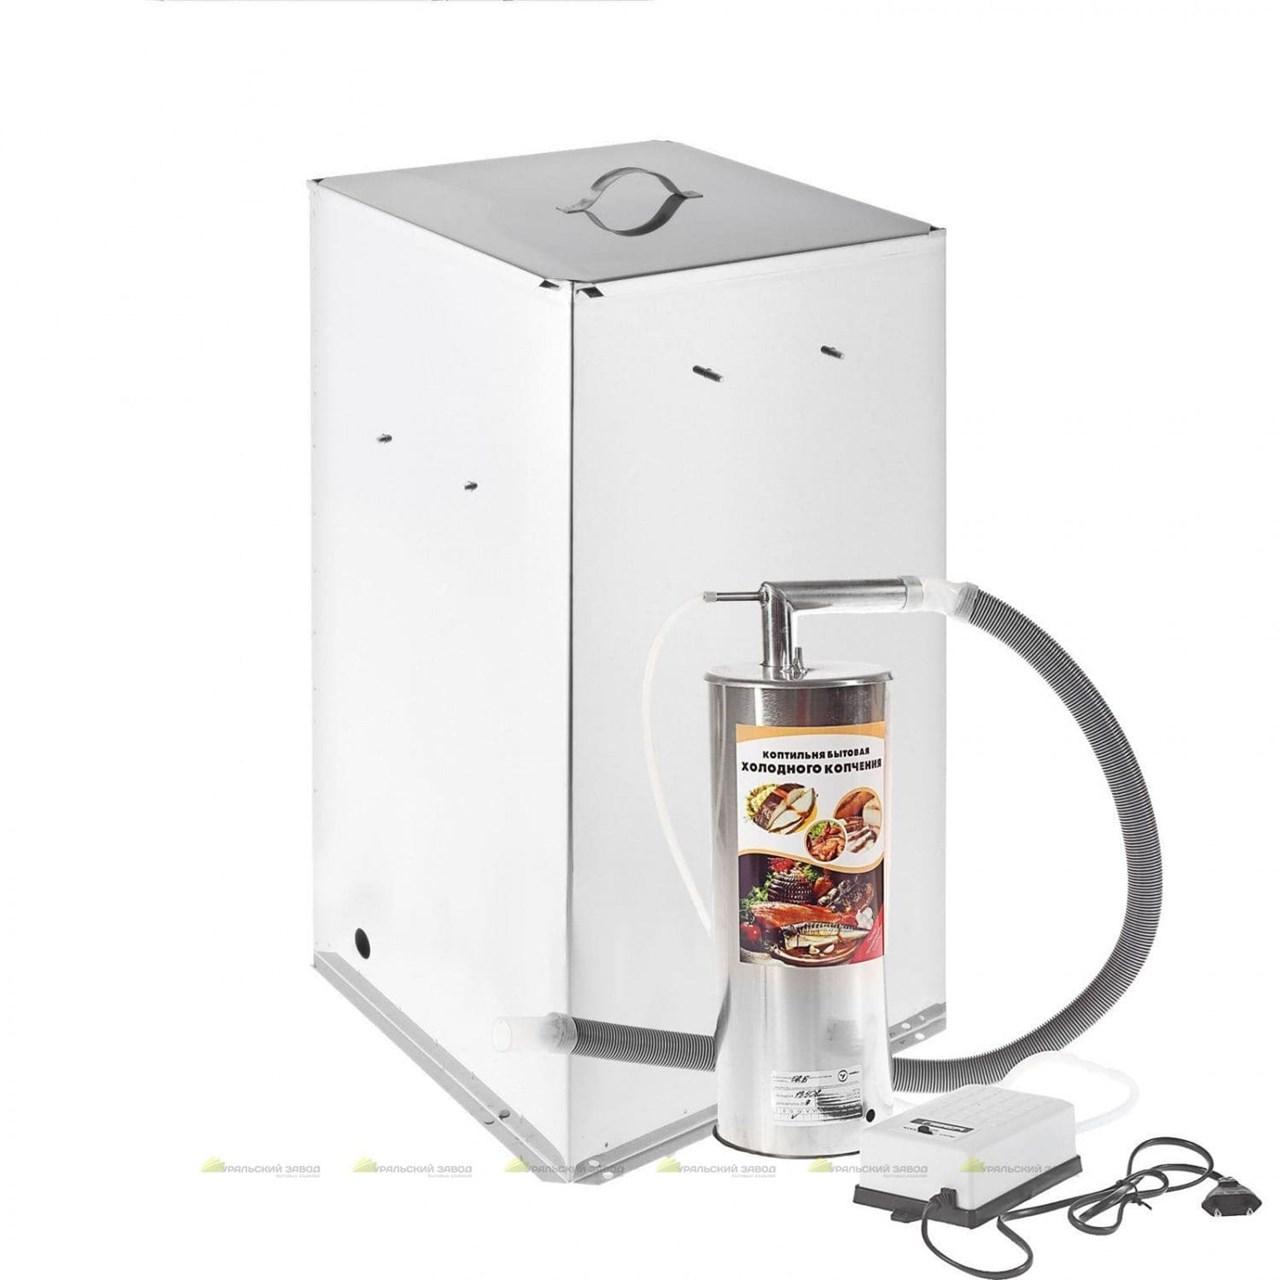 Коптильня Дым Дымыч 02Б холодное копчение из нерж. стали с емкостью 50 л. УЗБИ - фото 12020